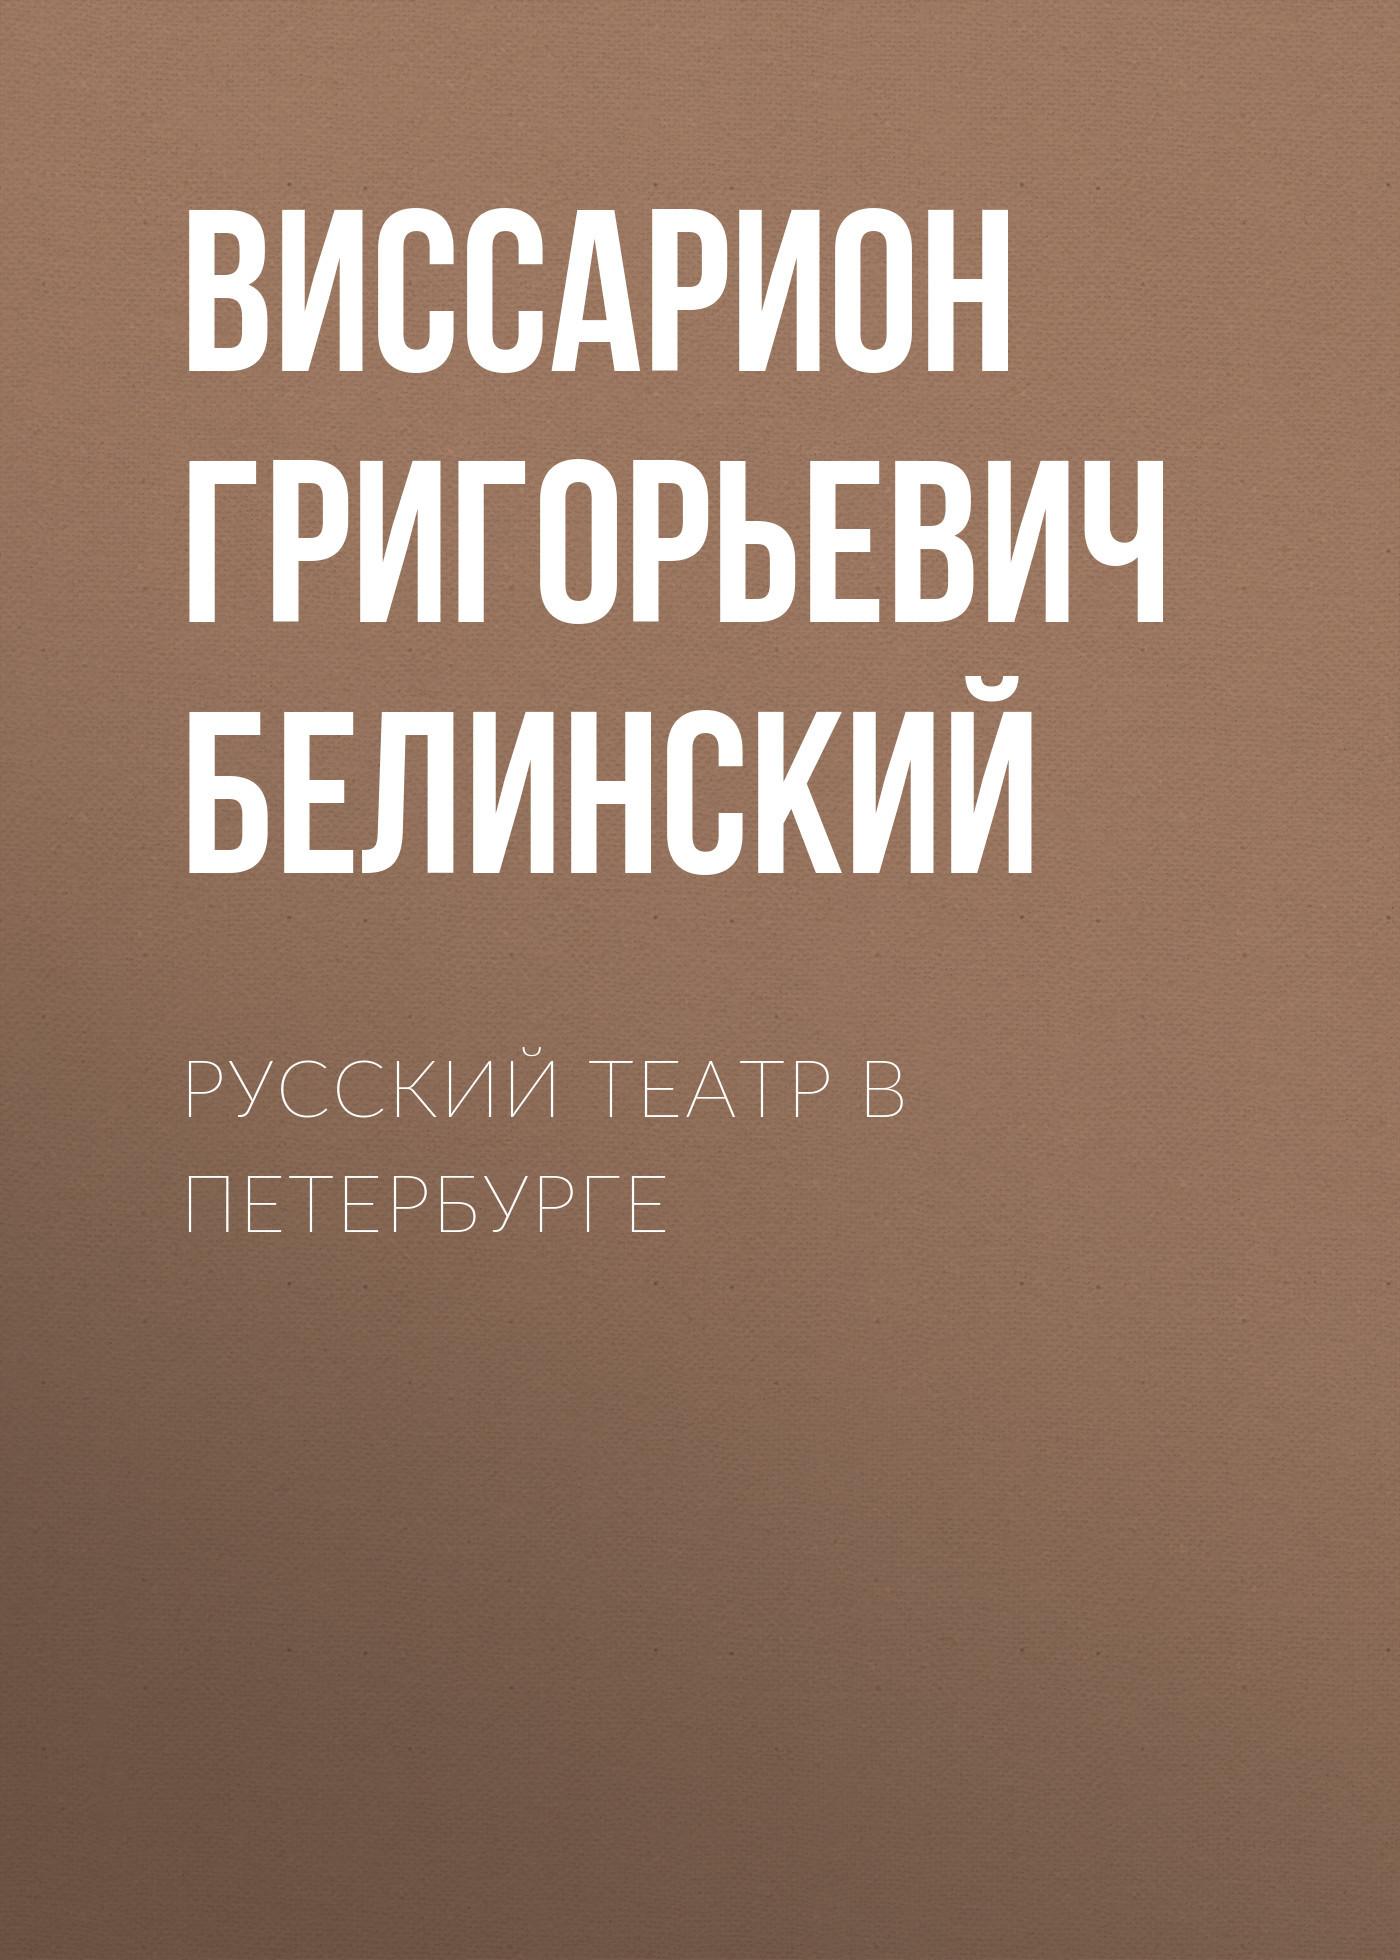 Русский театр в Петербурге